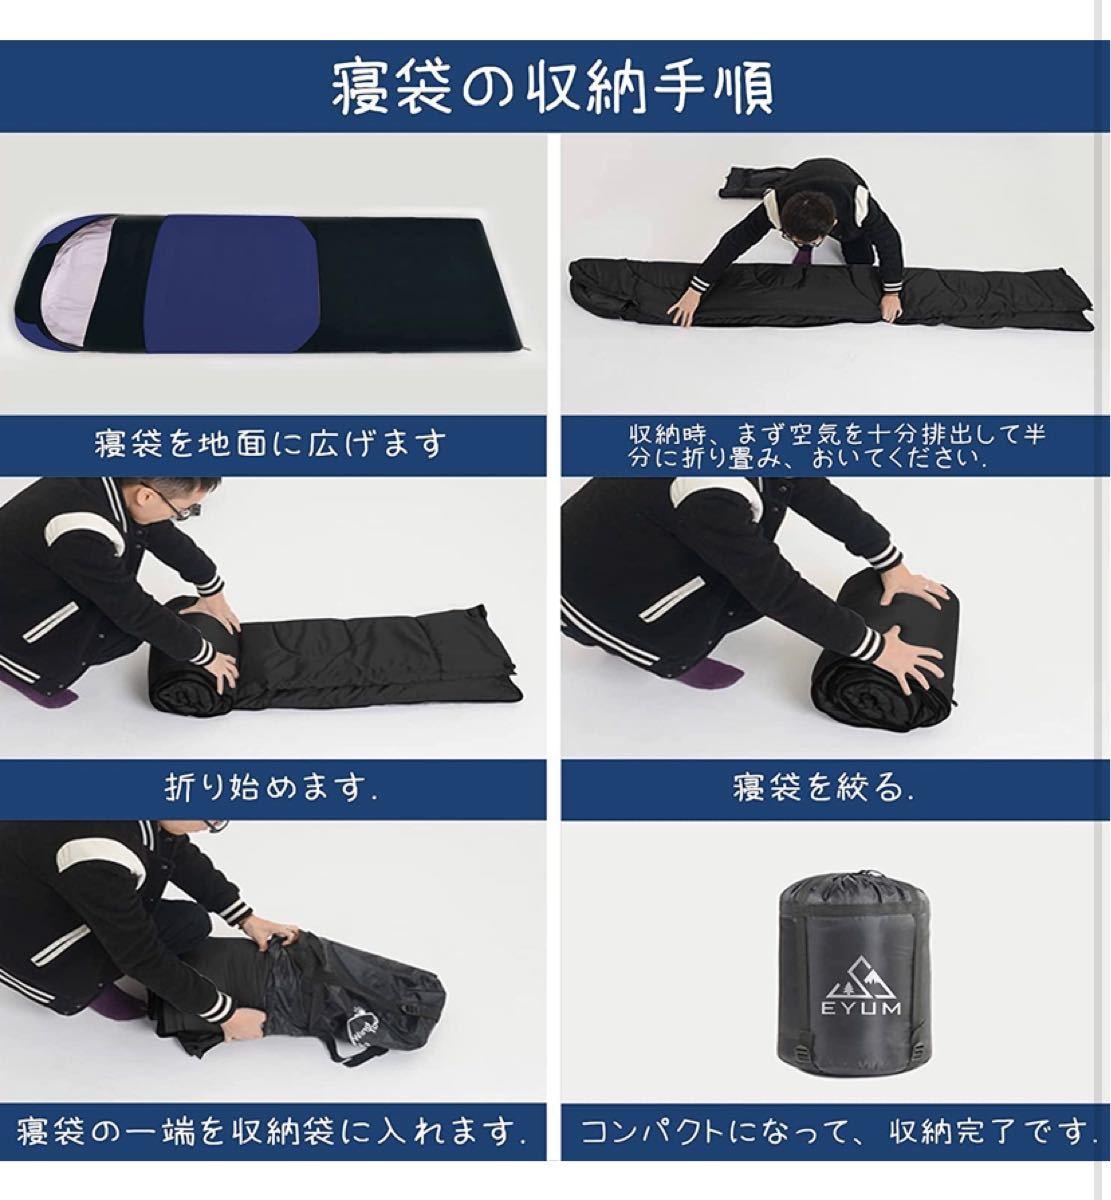 寝袋 シュラフ 封筒型 軽量 210T防水  丸洗い可能 収納袋付き 1KG